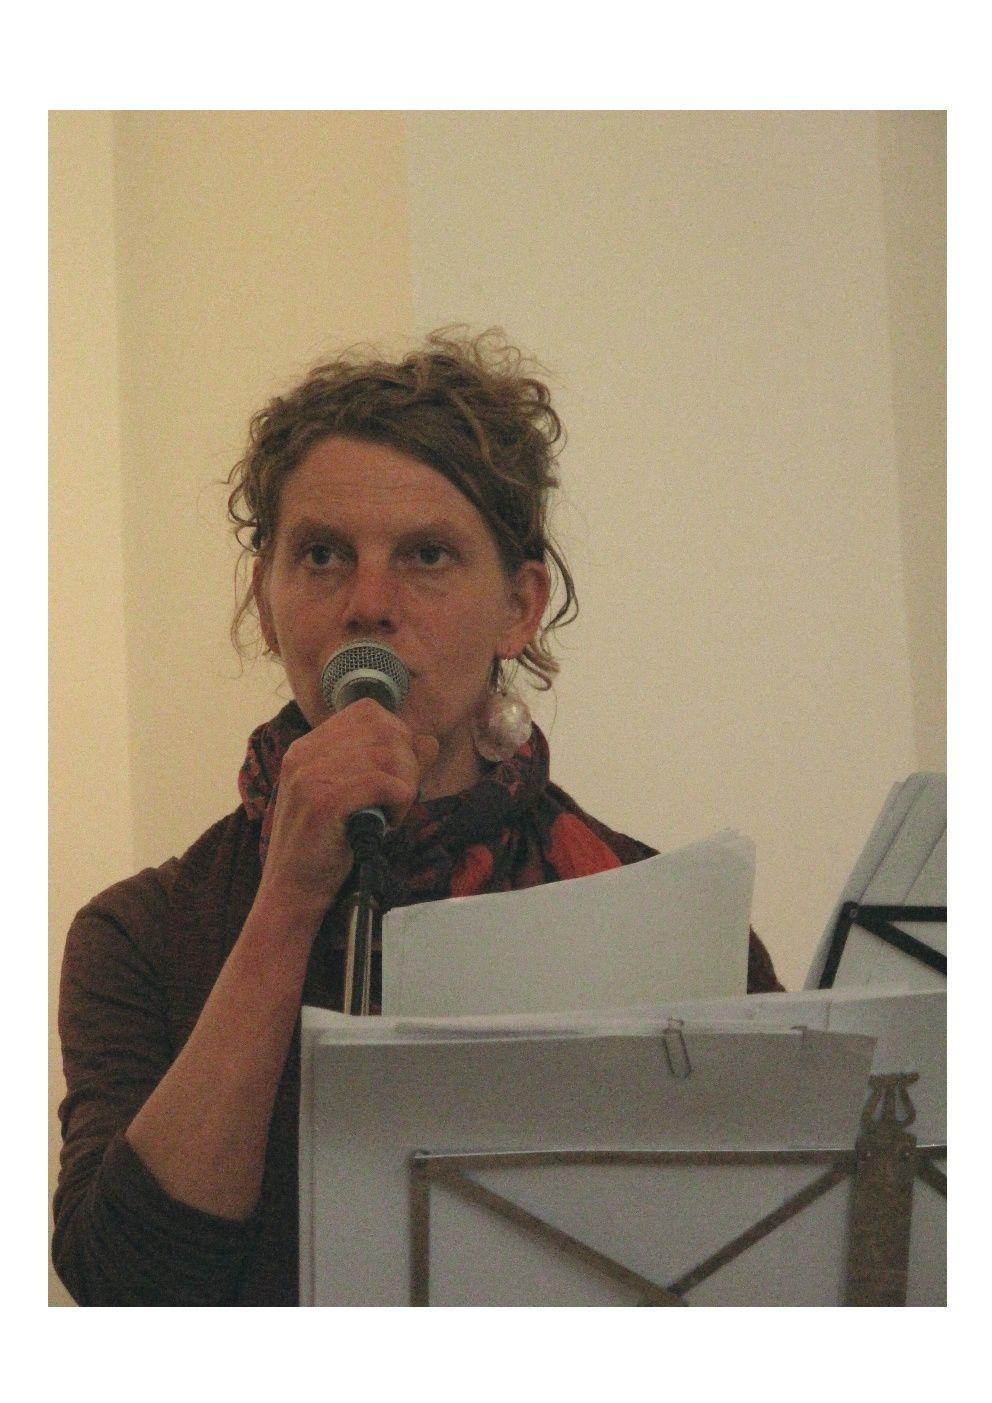 """Marie Tavera """"Je dessineet j'écris, dans la vie comme je peux. Je lis mestextesou ceux des autres, à Genève où je vis et ailleurs où je vais. Quelques poèmes publiés : éd.LeMiel de l'Ours, 2008 ; revue """"La couleur desJours, 2011."""""""